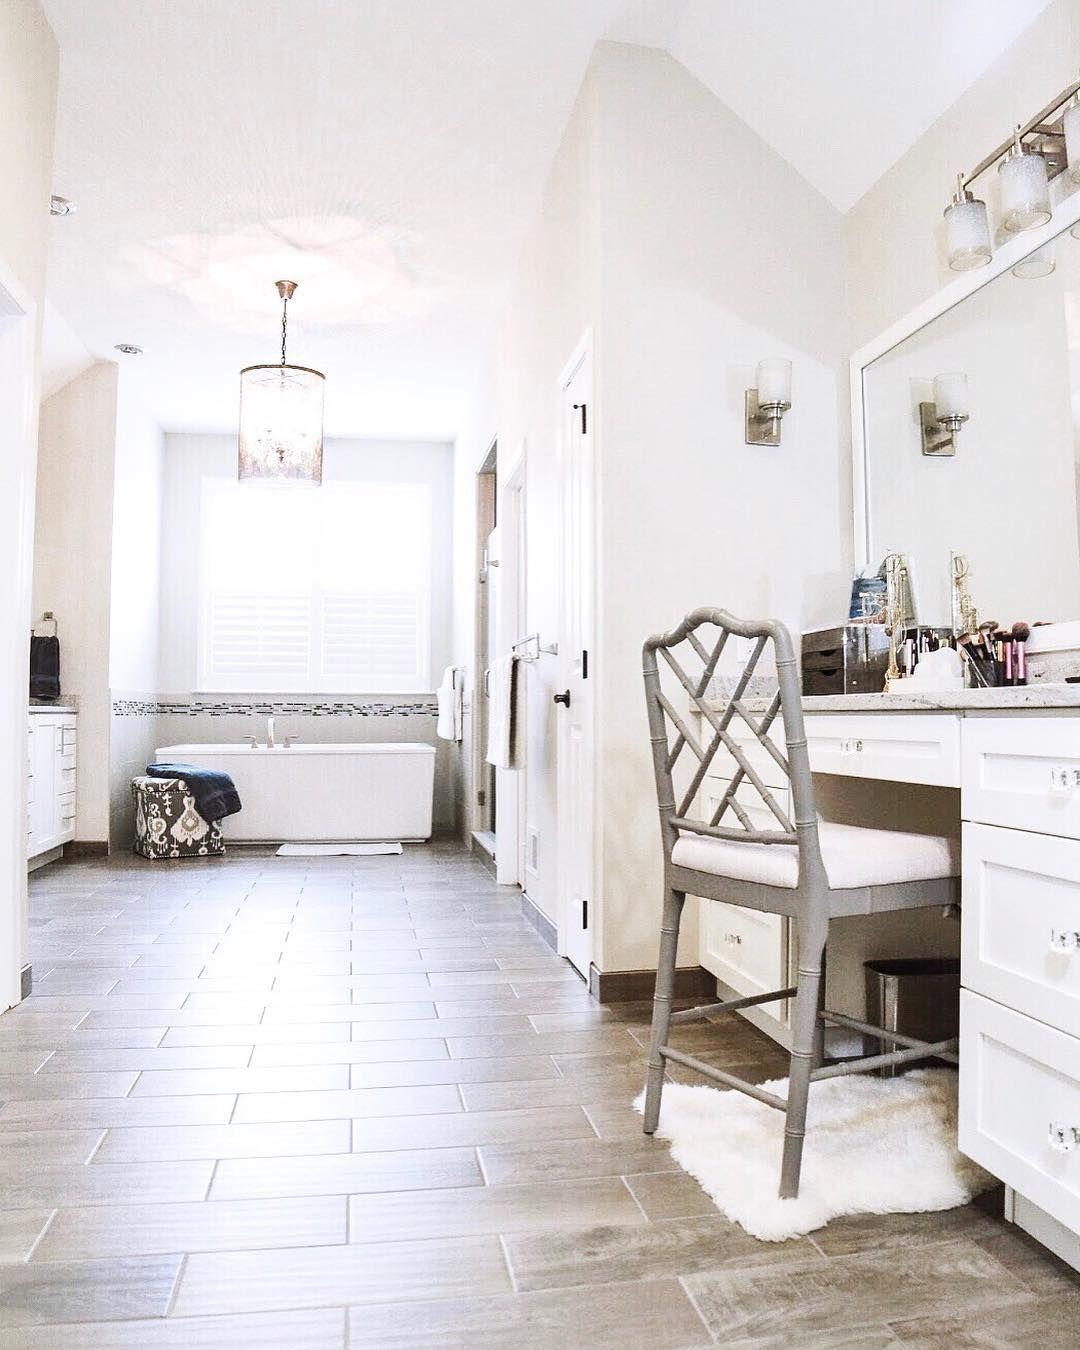 Ballarddesigns Restoration Bathroom Space Ballard Designs Home